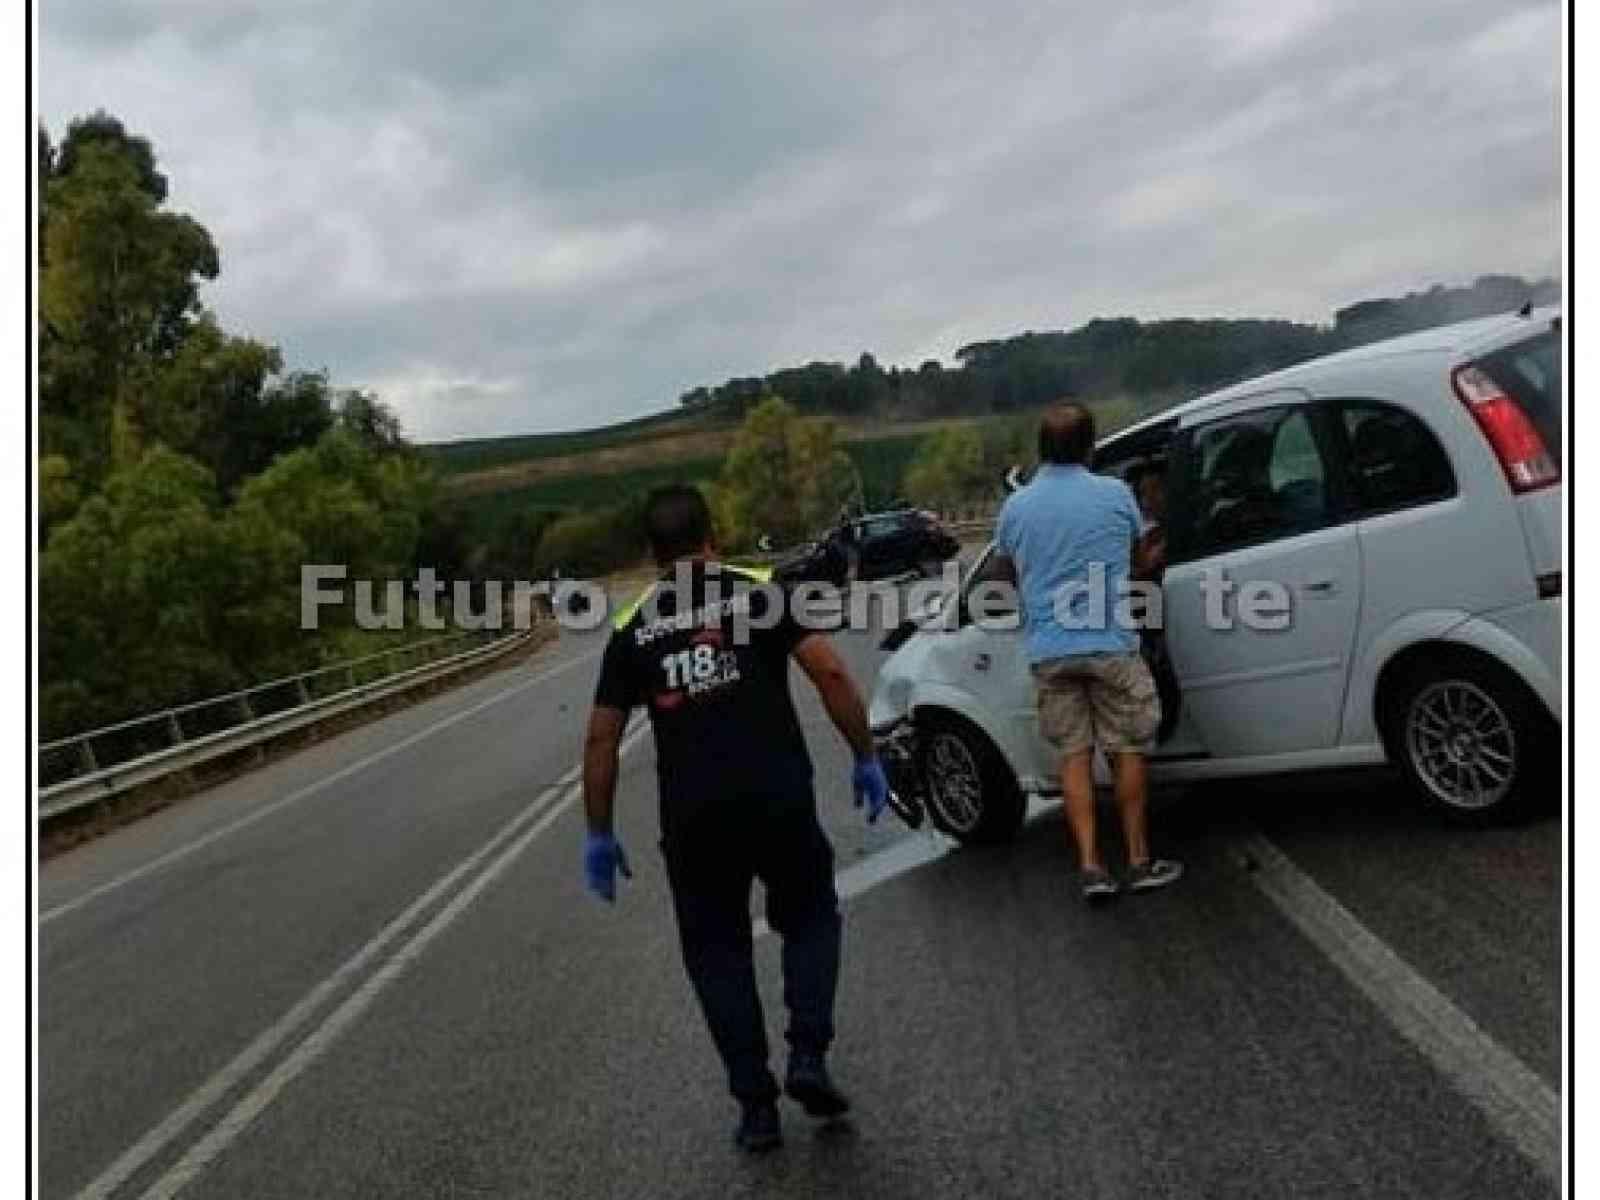 Immagine articolo: Due incidenti ieri sulla Palermo-Sciacca. Coinvolto l'ex Assessore di S. Margherita Tanino Bonifacio